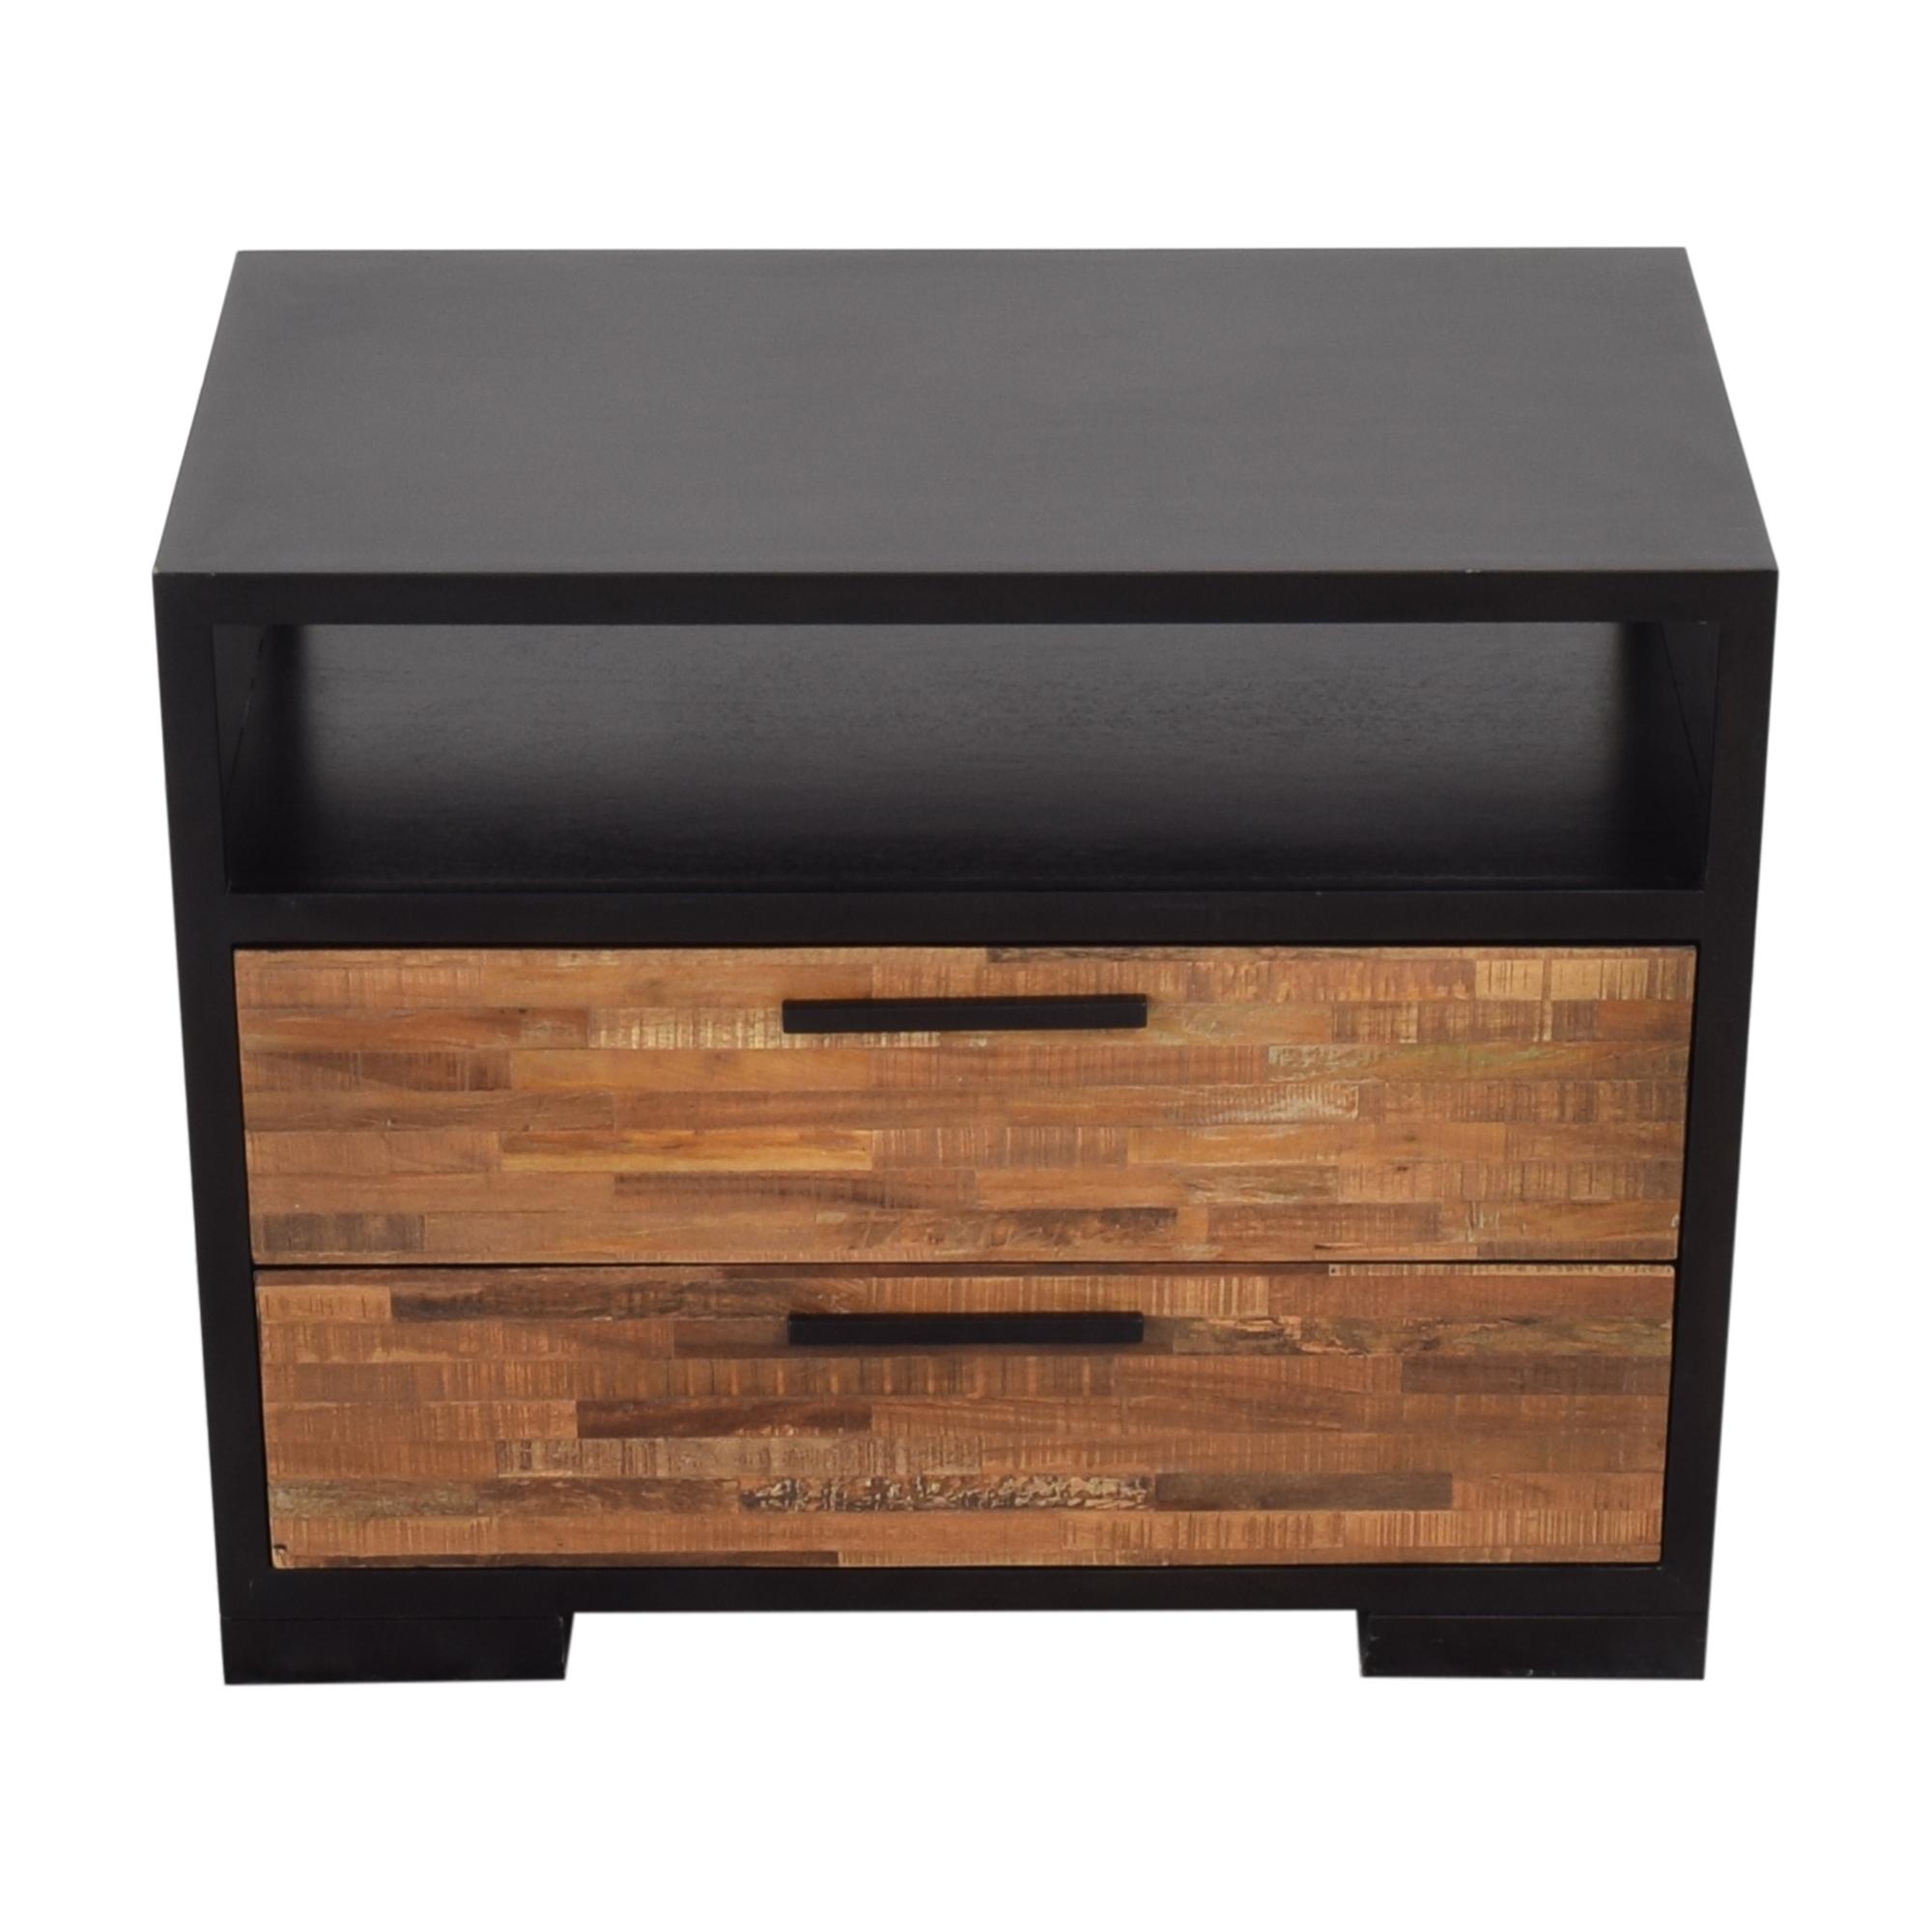 buy Crate & Barrel Media Console Crate & Barrel Media Units